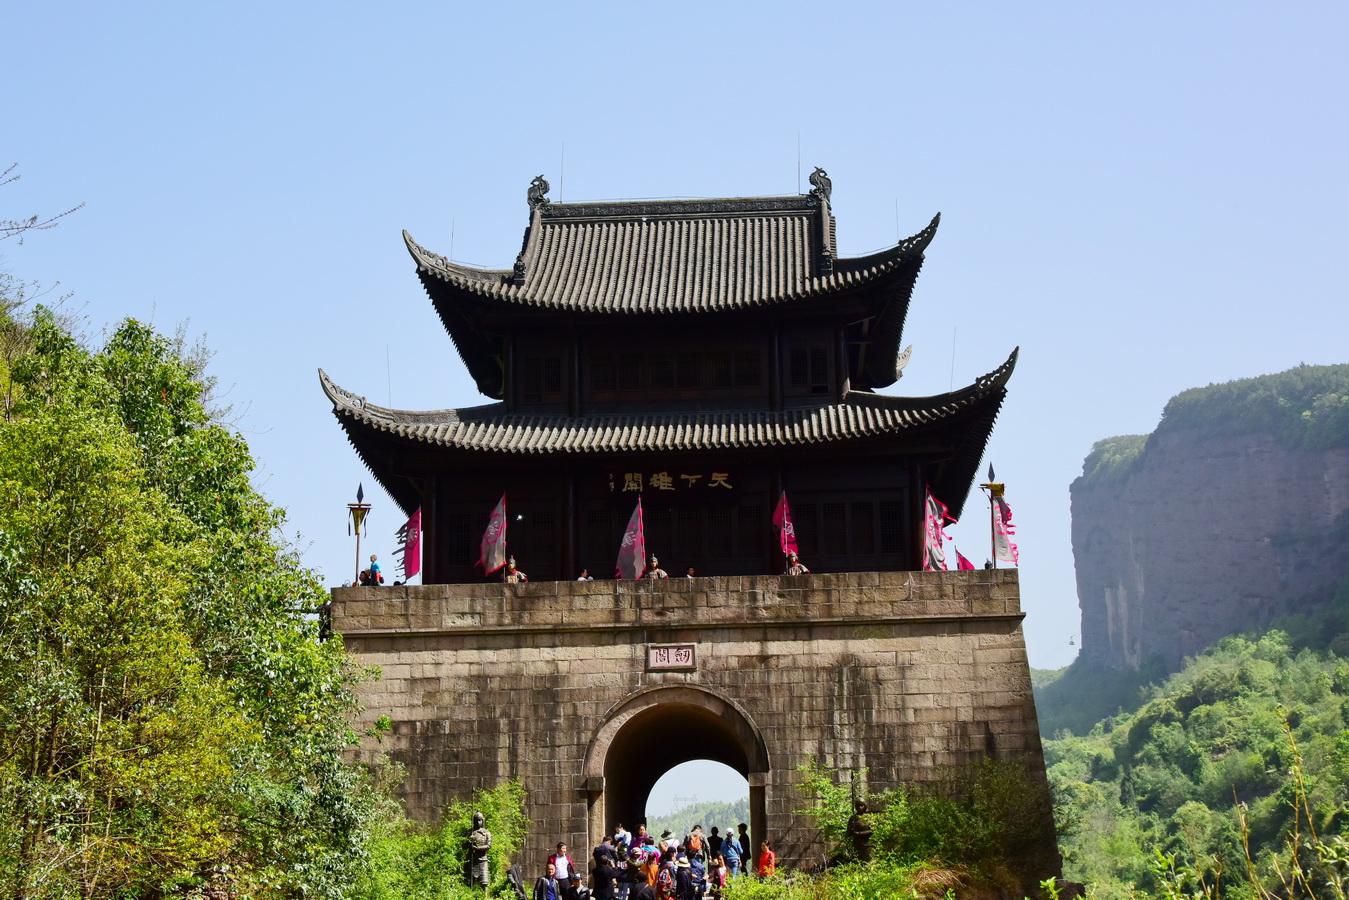 剑门关风景区是国家5a级旅游景区,国家级风景名胜